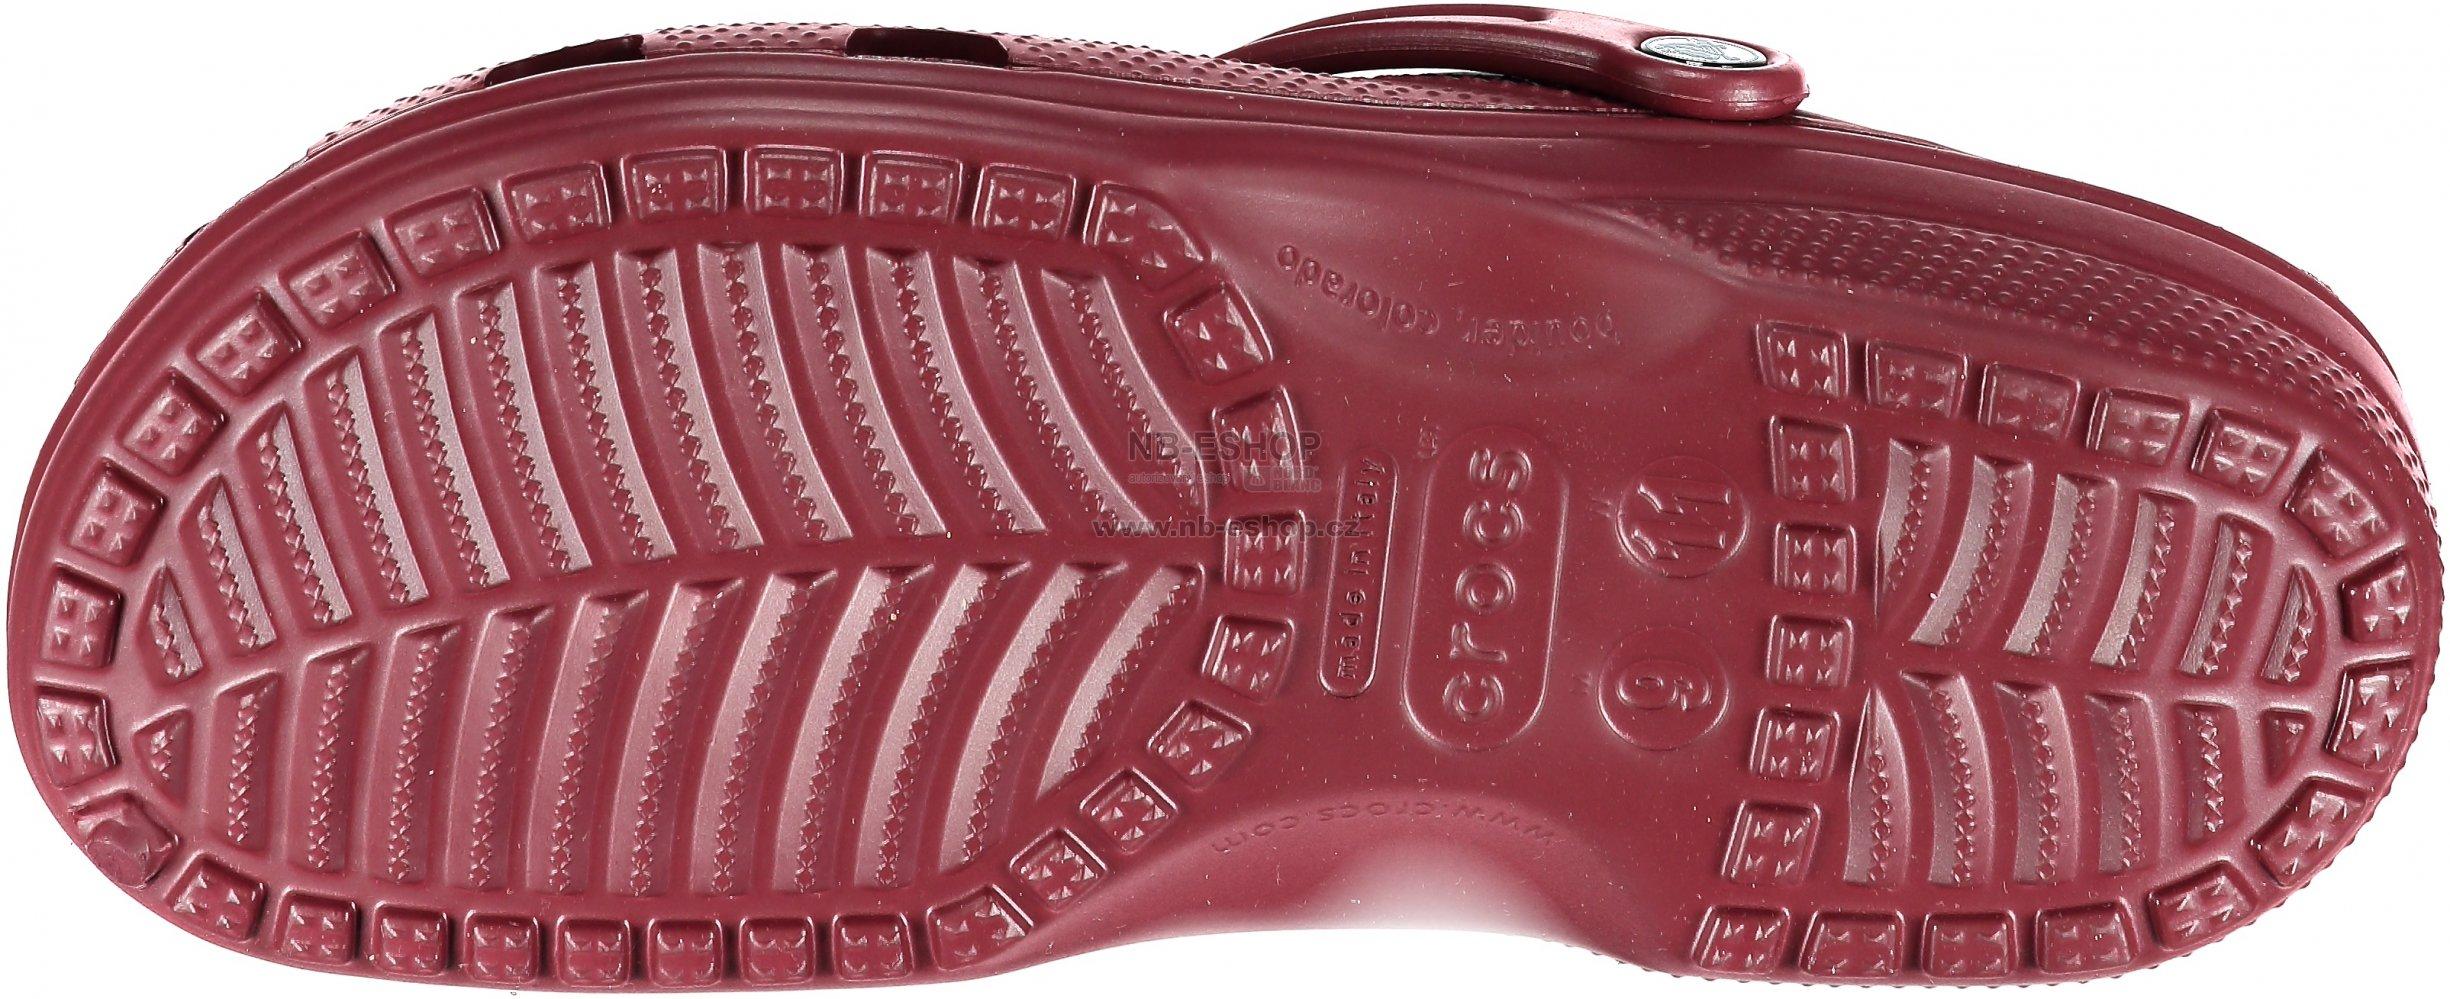 abba49bd73a Dámské pantofle CROCS CLASSIC 10001-612 GARNET. Dámské pantofle CROCS  CLASSIC 10001-007 LIGHT GREY ...